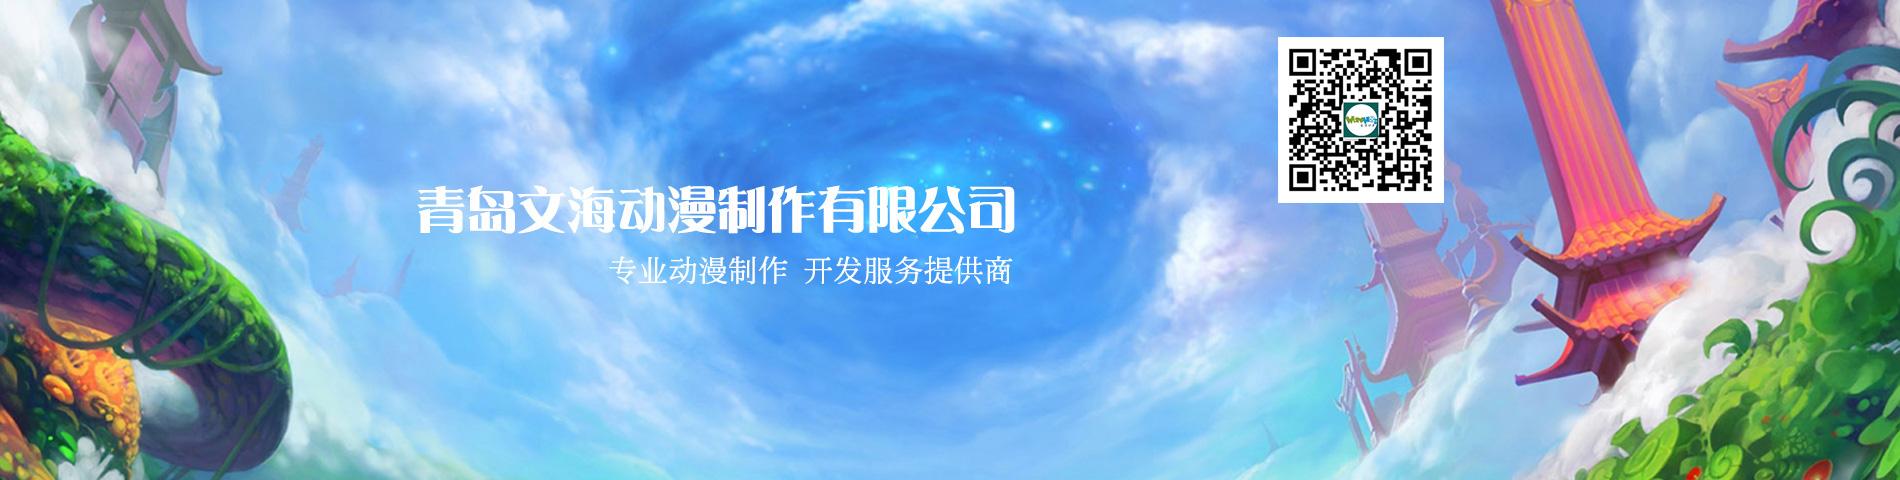 青岛动画制作公司 青岛宣传片拍摄公司 青岛企业广告设计策划 青岛视频制作公司 青岛三维产品宣传片公司